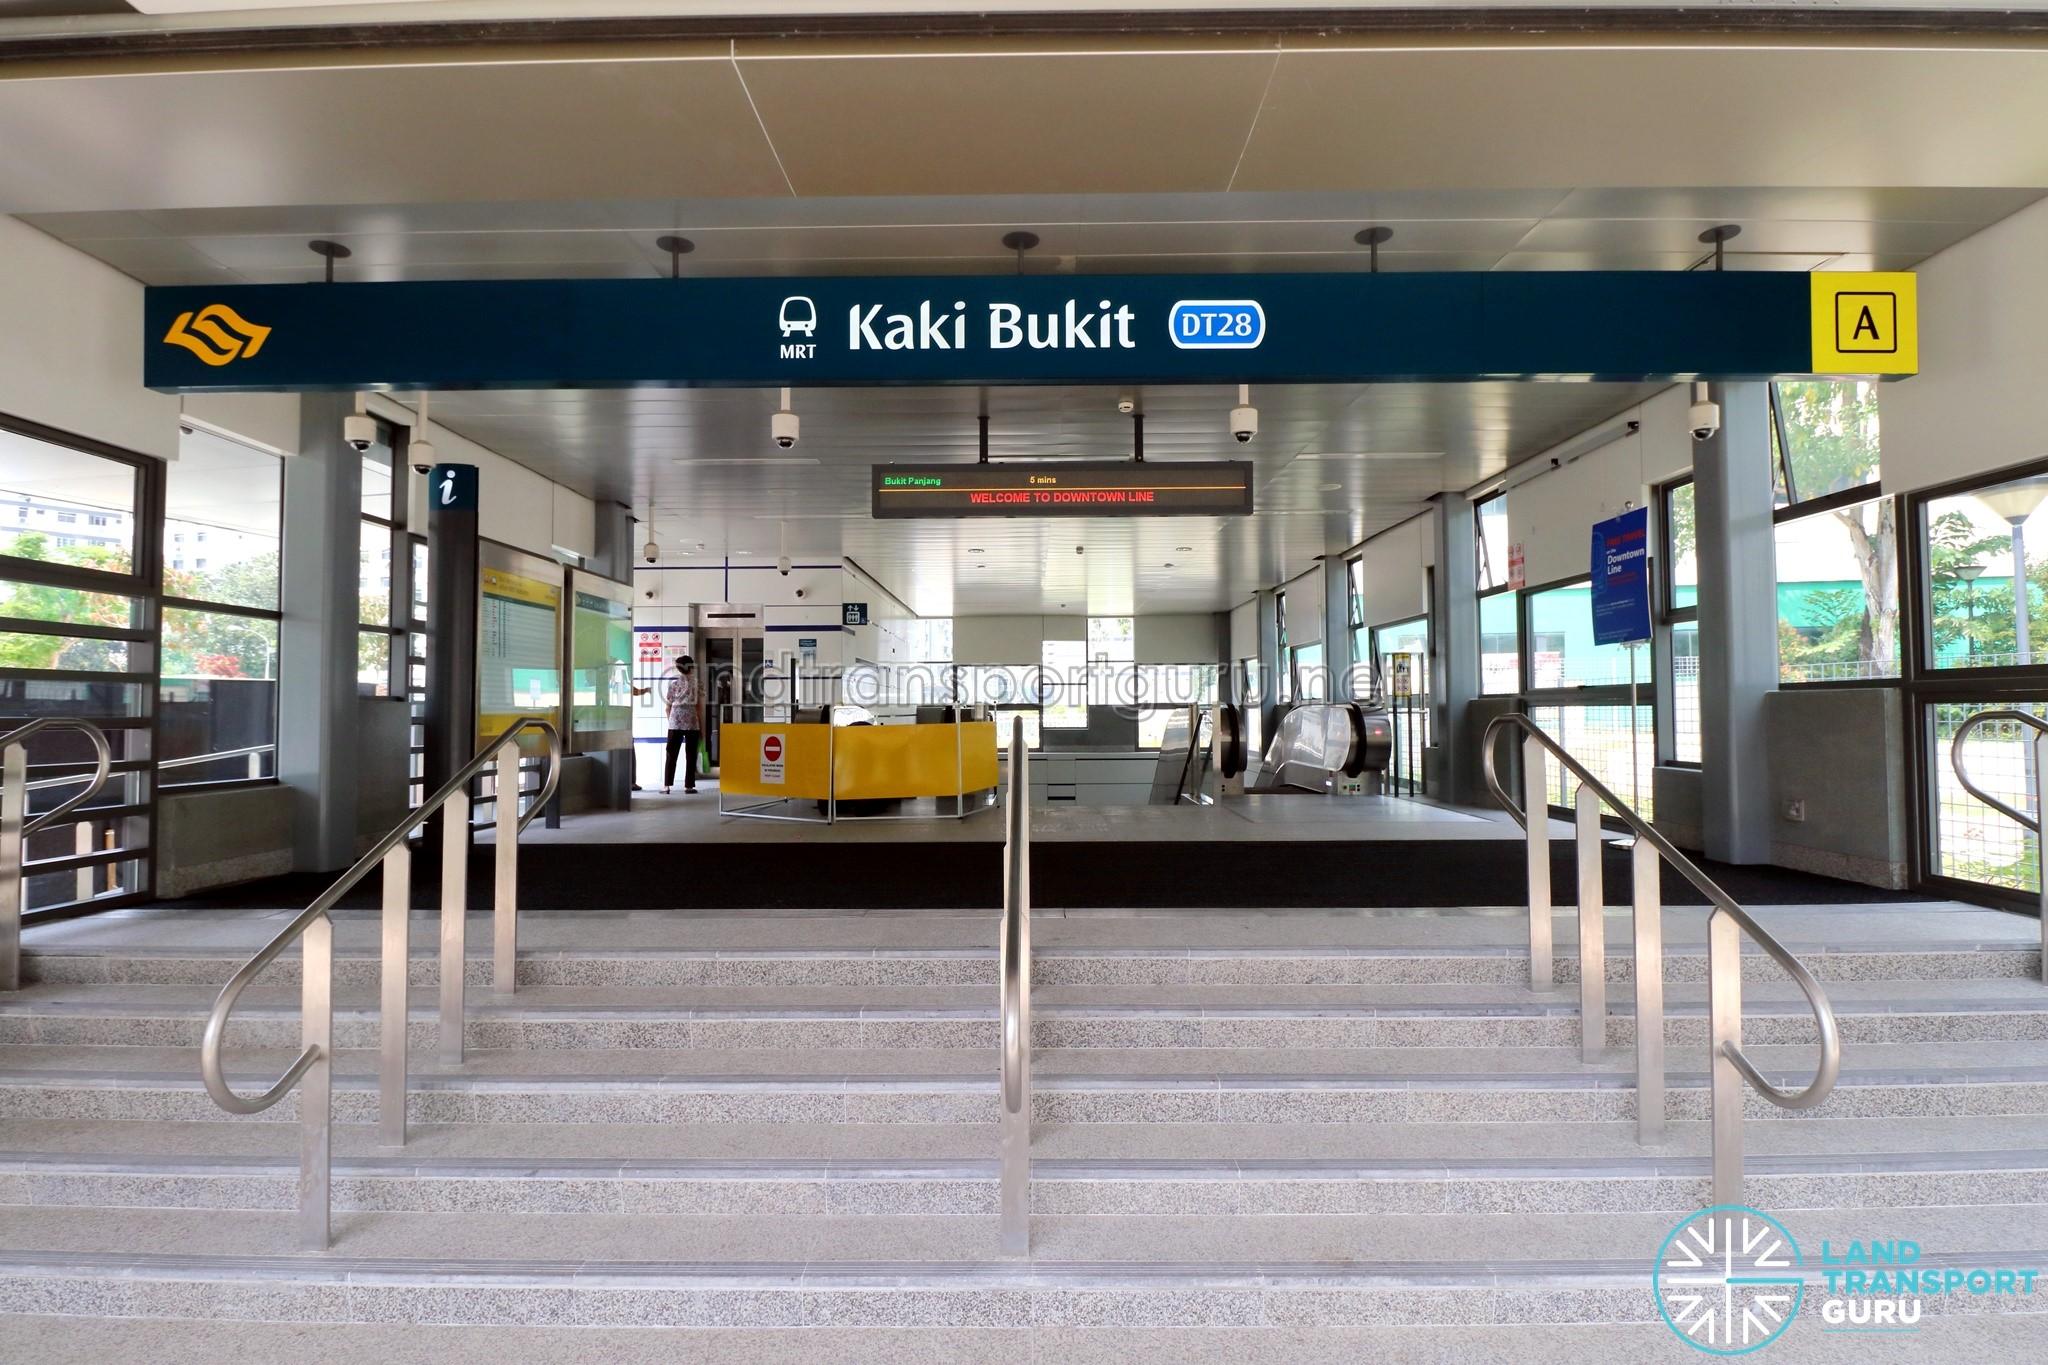 Kaki Bukit Exit A